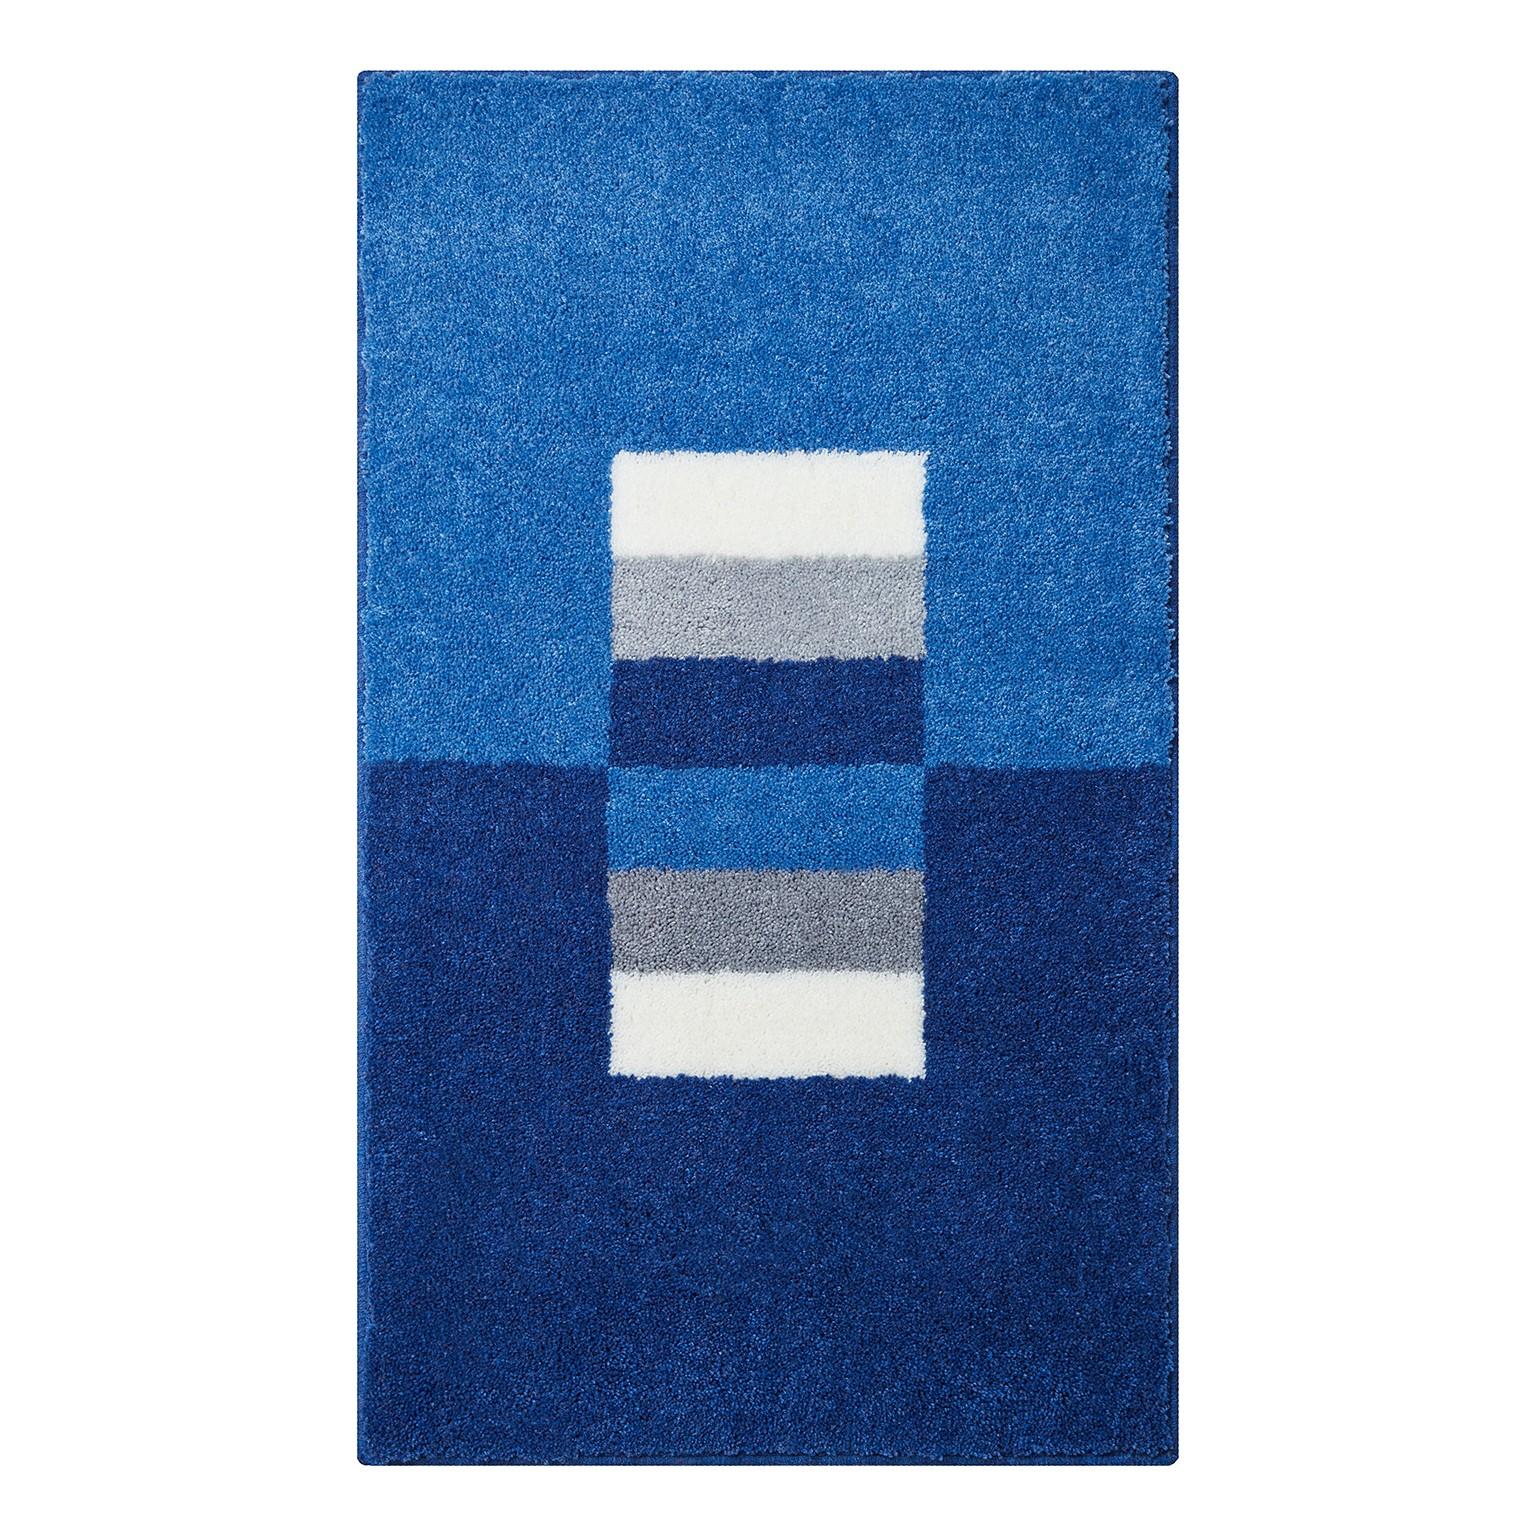 home24 Badteppich Capricio II | Bad > Badgarnituren > Läufer & Matten | Blau | Textil | Grund